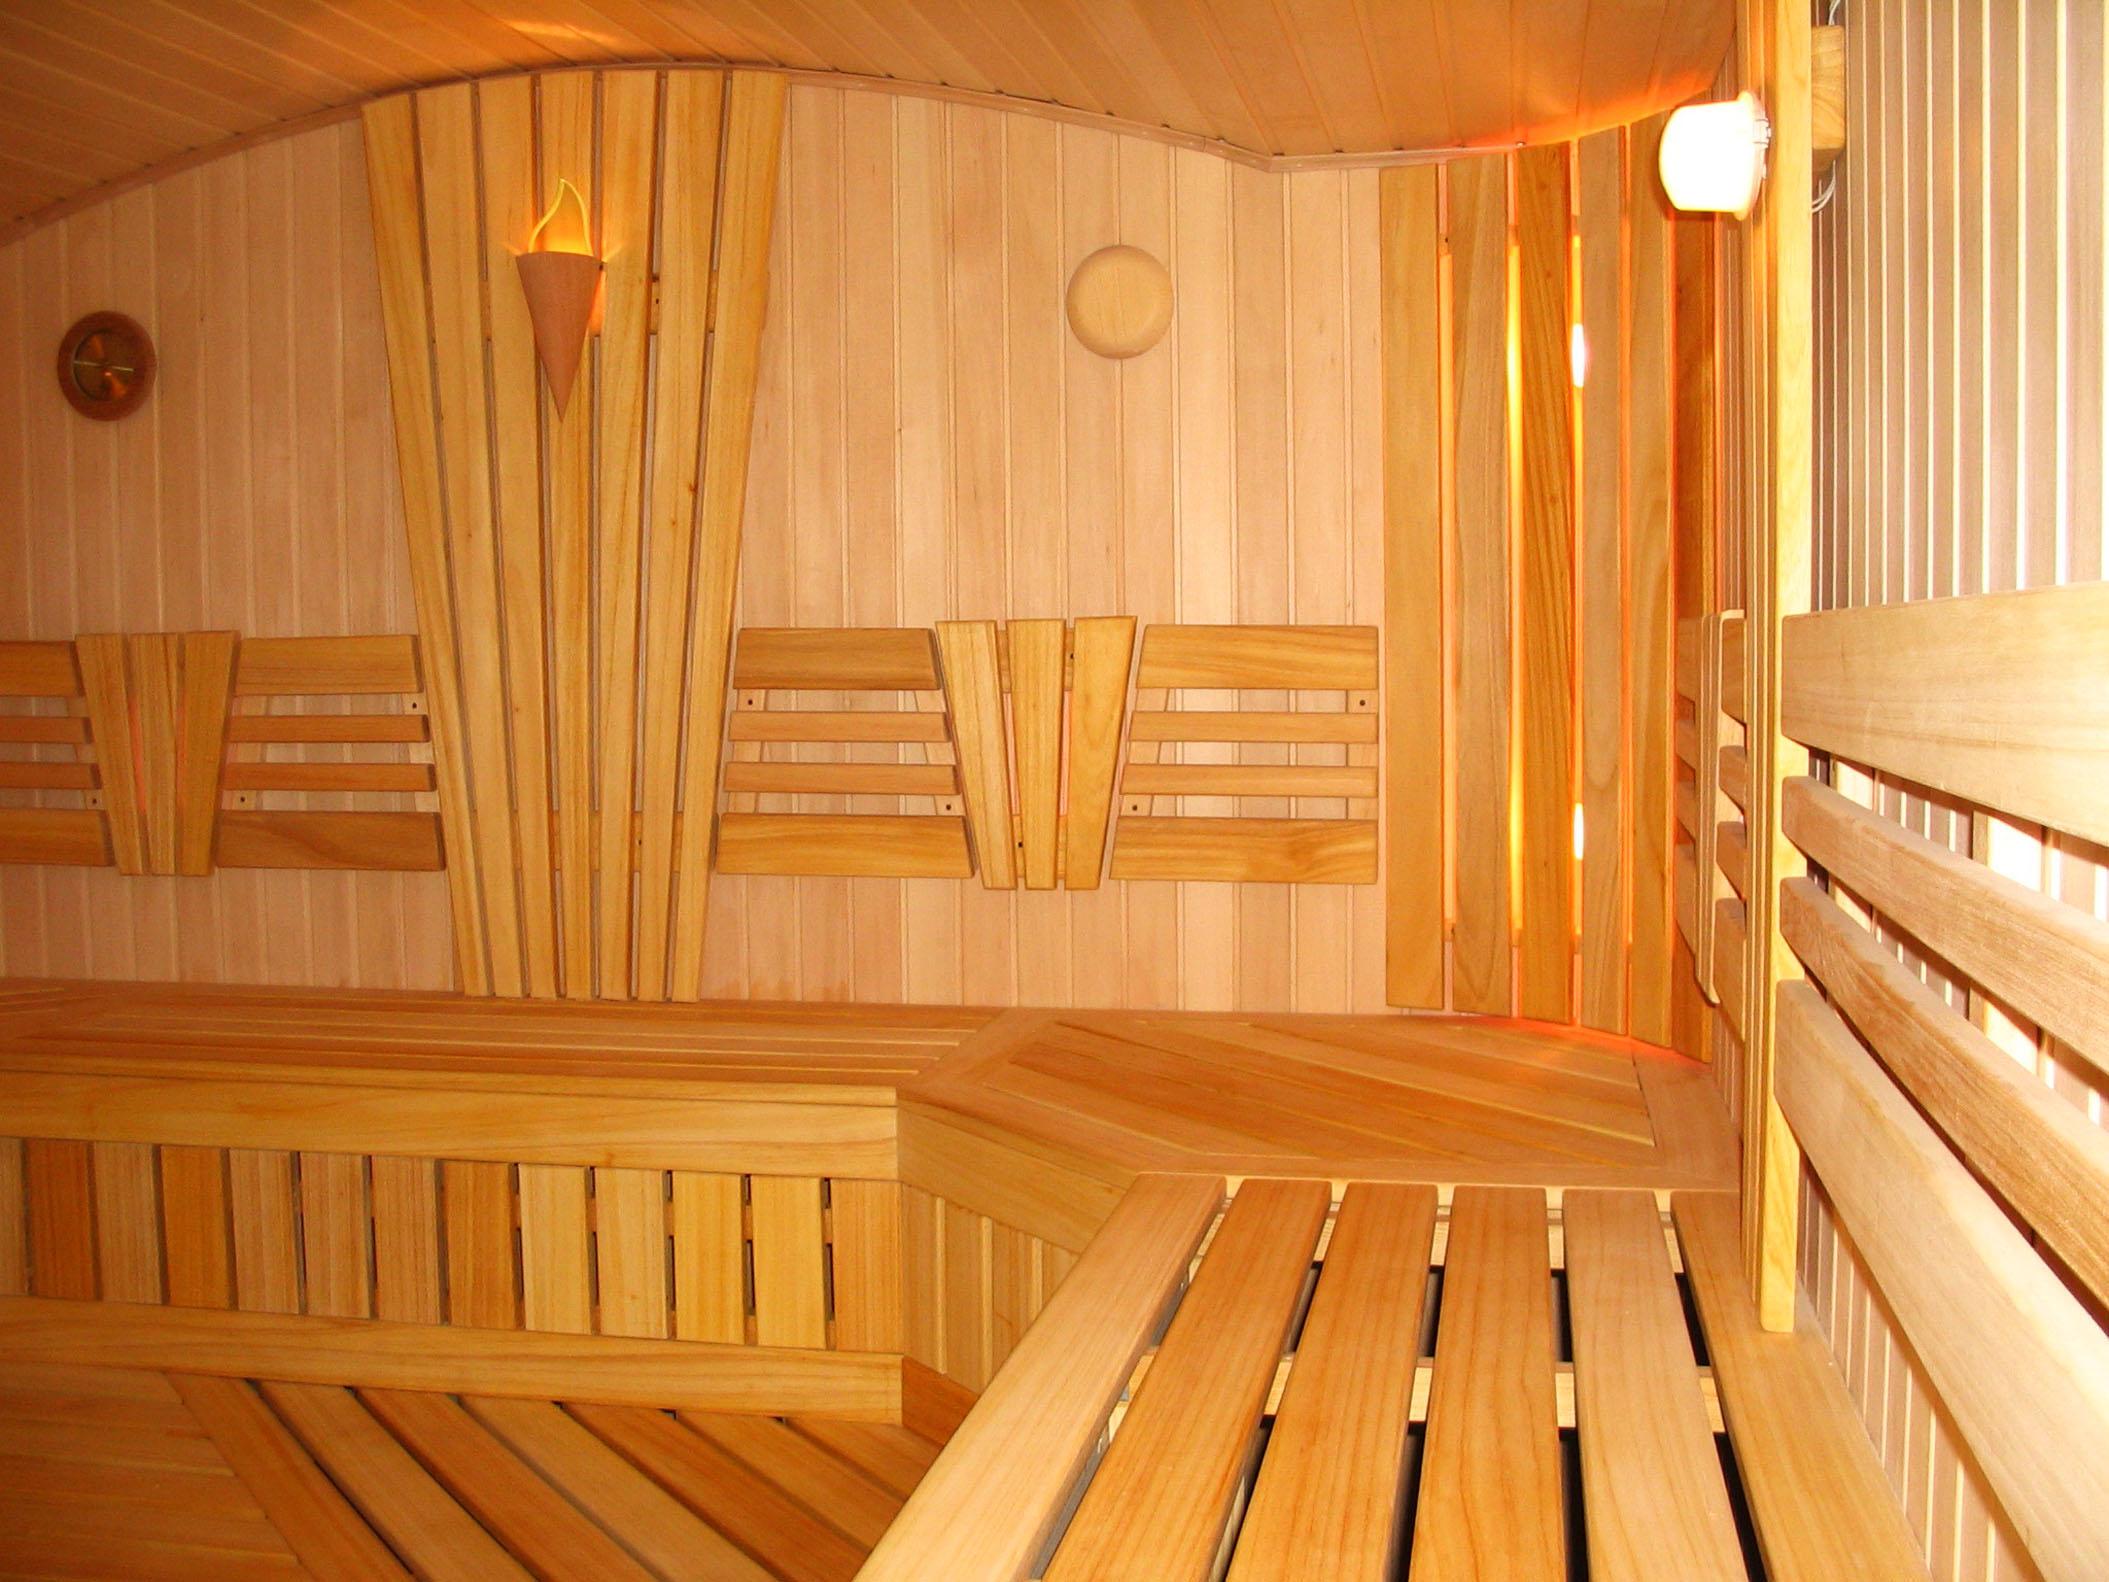 Фото в пред банике, Дизайн предбанника - Строим баню или сауну 24 фотография